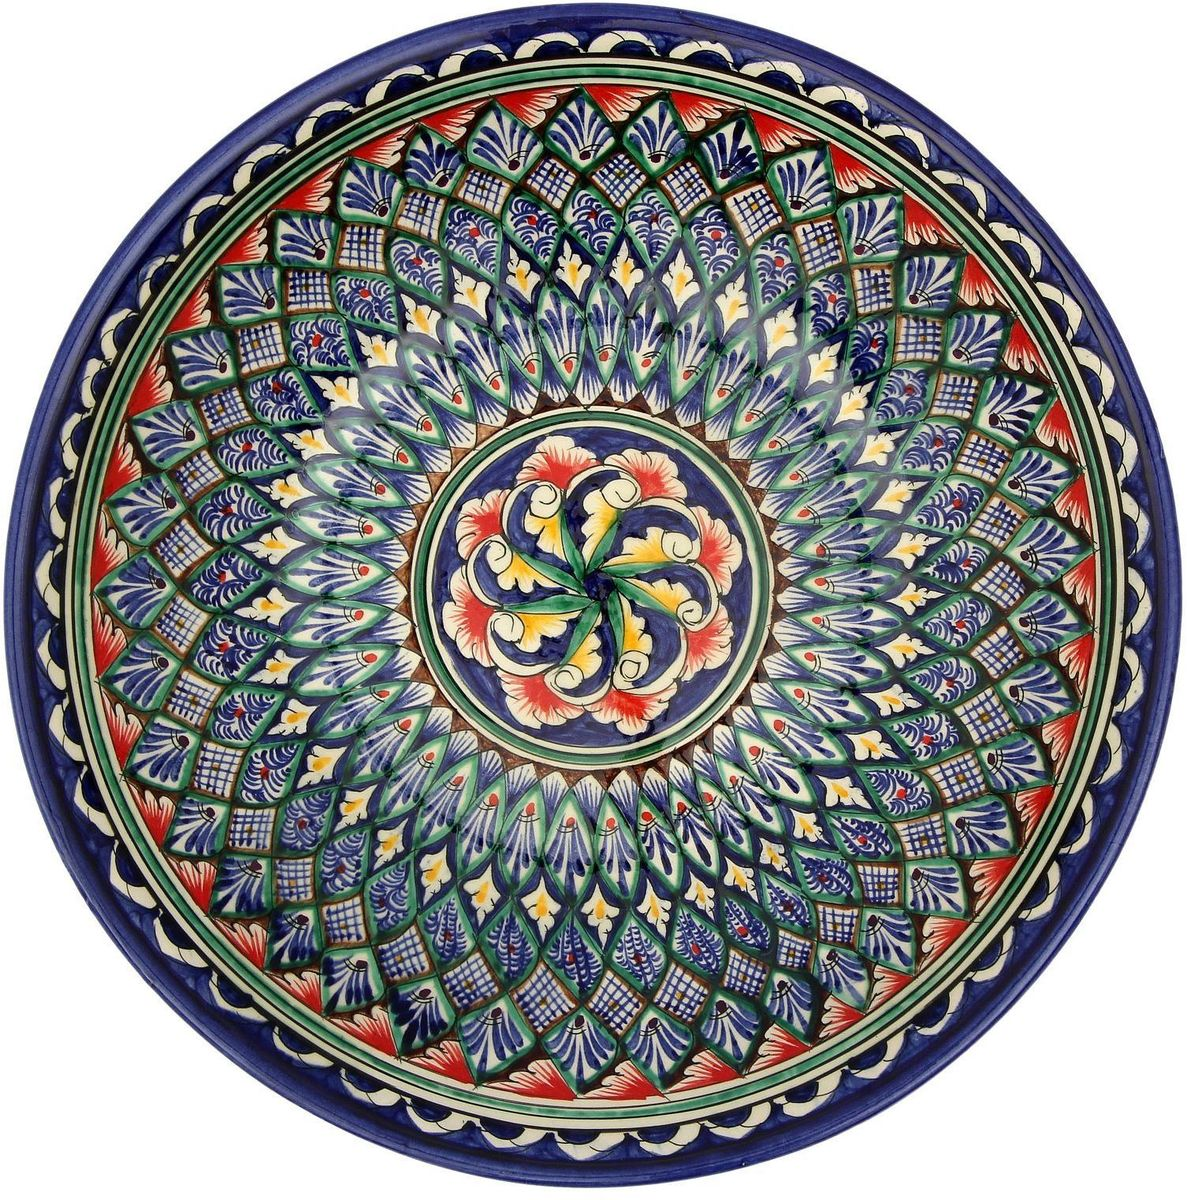 Ляган Риштанская керамика, диаметр, 33 см. 21560042156004Ляган — это не просто обеденный атрибут, это украшение стола. Посуда с национальной росписью станет отменным подарком для ценителей высокородной посуды.Риштан — город на востоке Узбекистана, один из древнейших в Ферганской долине. С давних времён Риштан славится своим гончарным искусством изготовления цветной керамики. Красноватую глину для изделия добывают в самом городе. Мастера утверждают, что их глина настолько высокого качества, что даже не нуждается в предварительной обработке. Дополните коллекцию кухонных аксессуаров пряными восточными нотами.